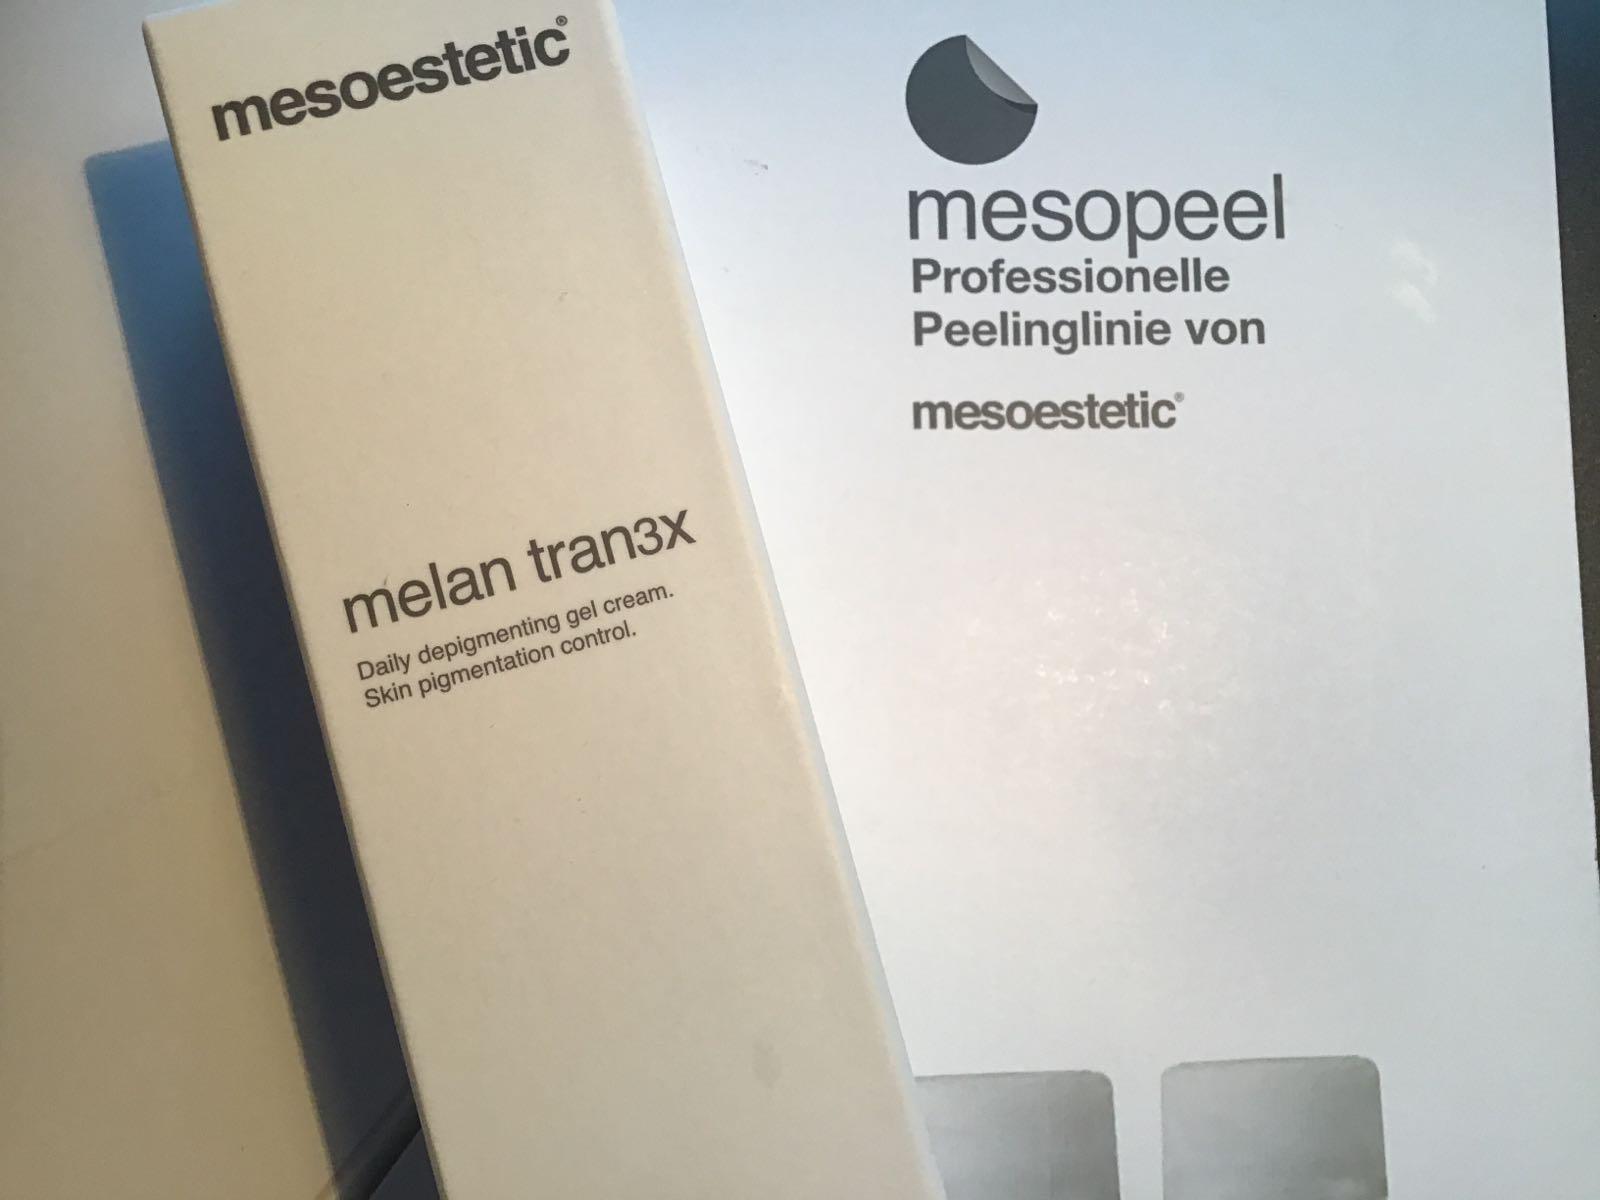 Melan tran3x Depigmentationscreme  für Tag und Nacht